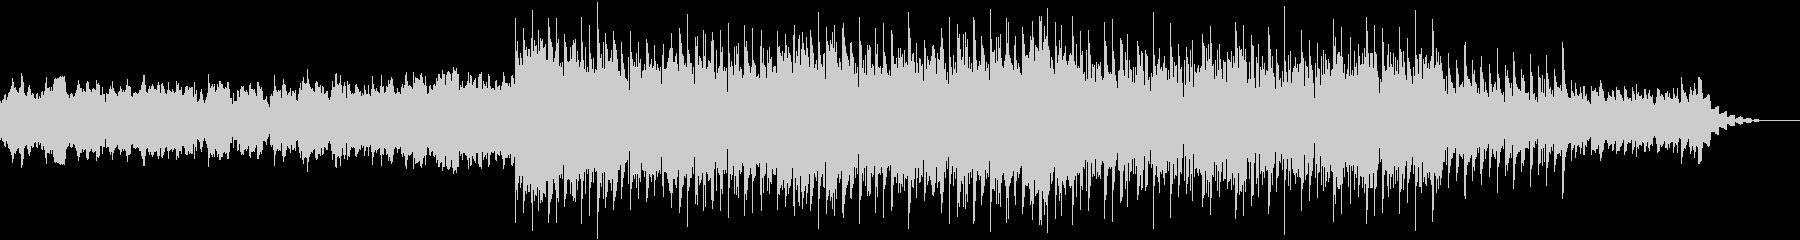 シンセとピアノによる、ニュースぽい曲の未再生の波形